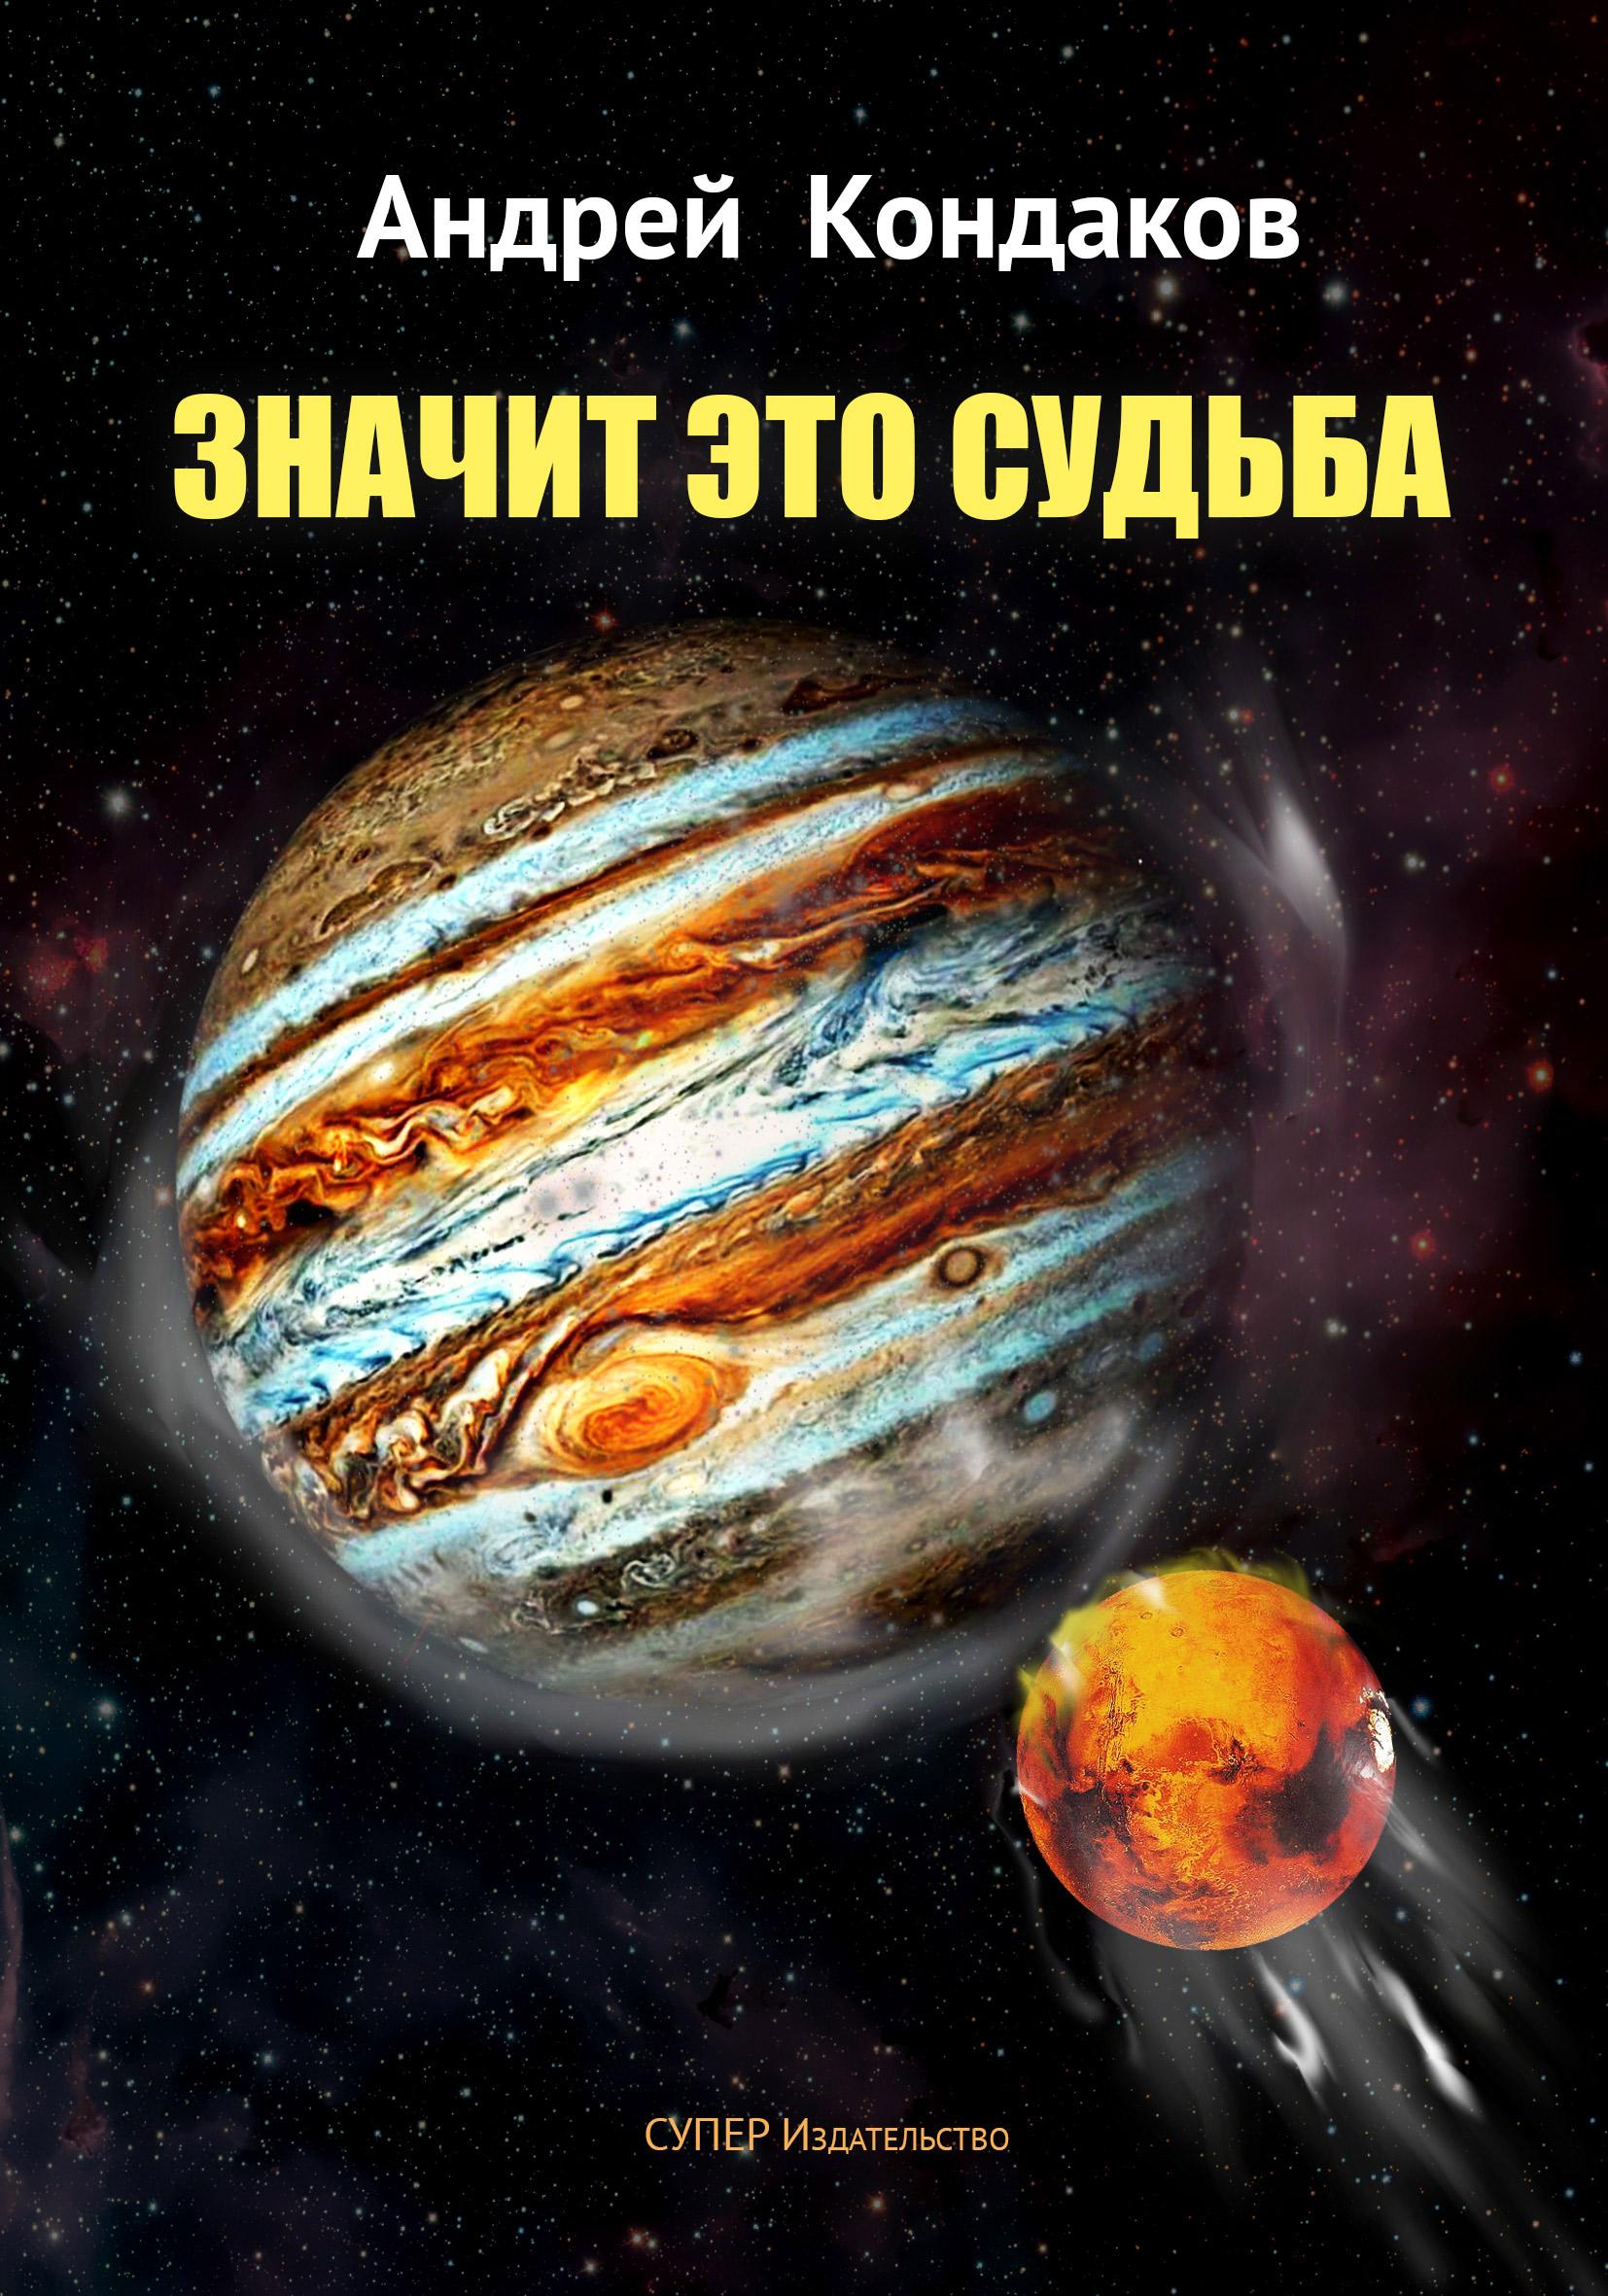 Андрей Кондаков Значит это Судьба код твоей удачи